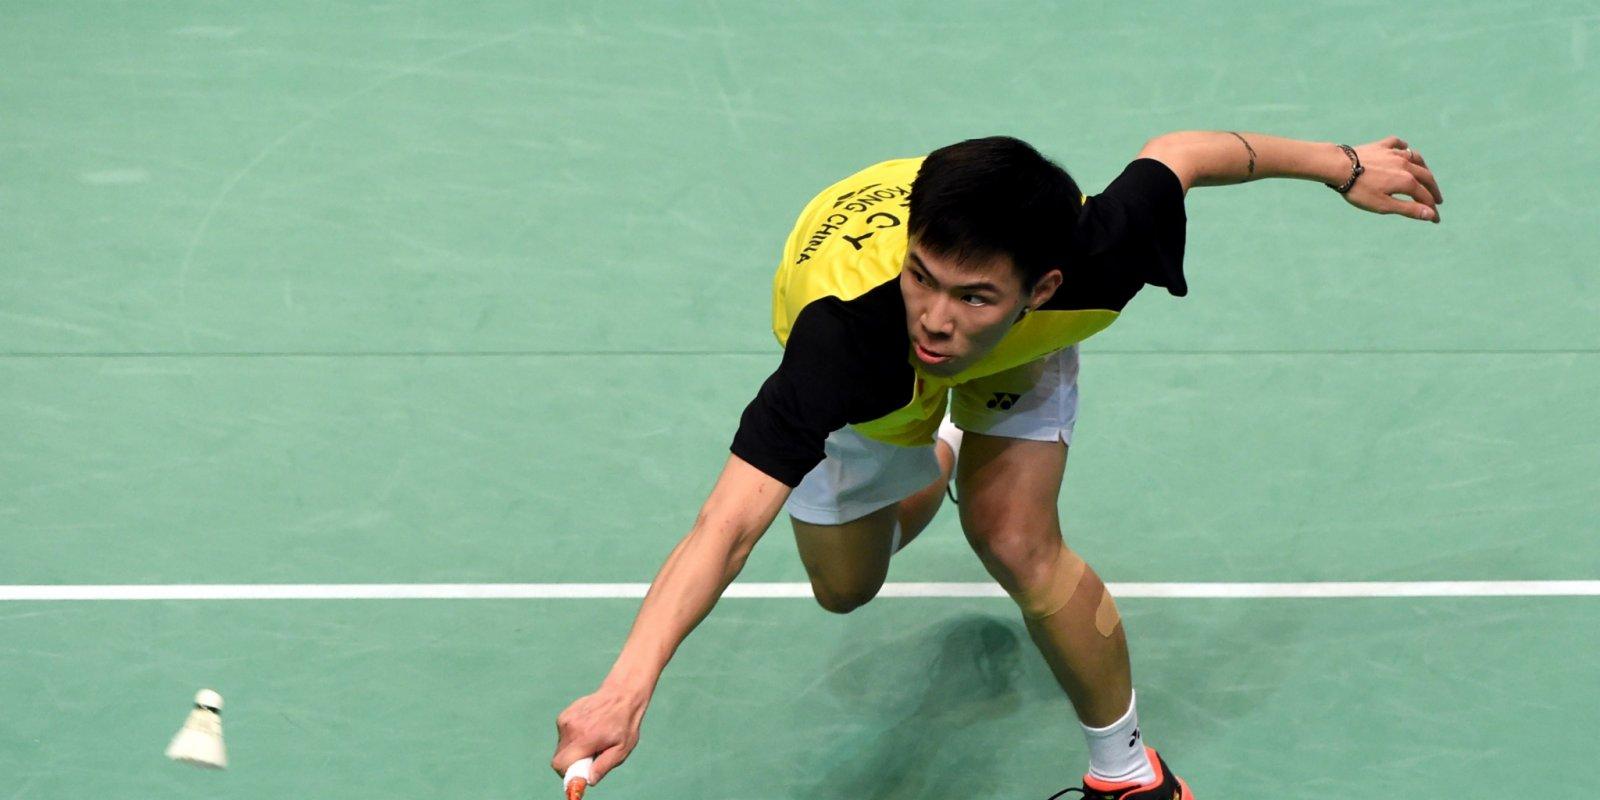 羽聯新加坡賽取消 李卓耀失搶分良機無緣奧運